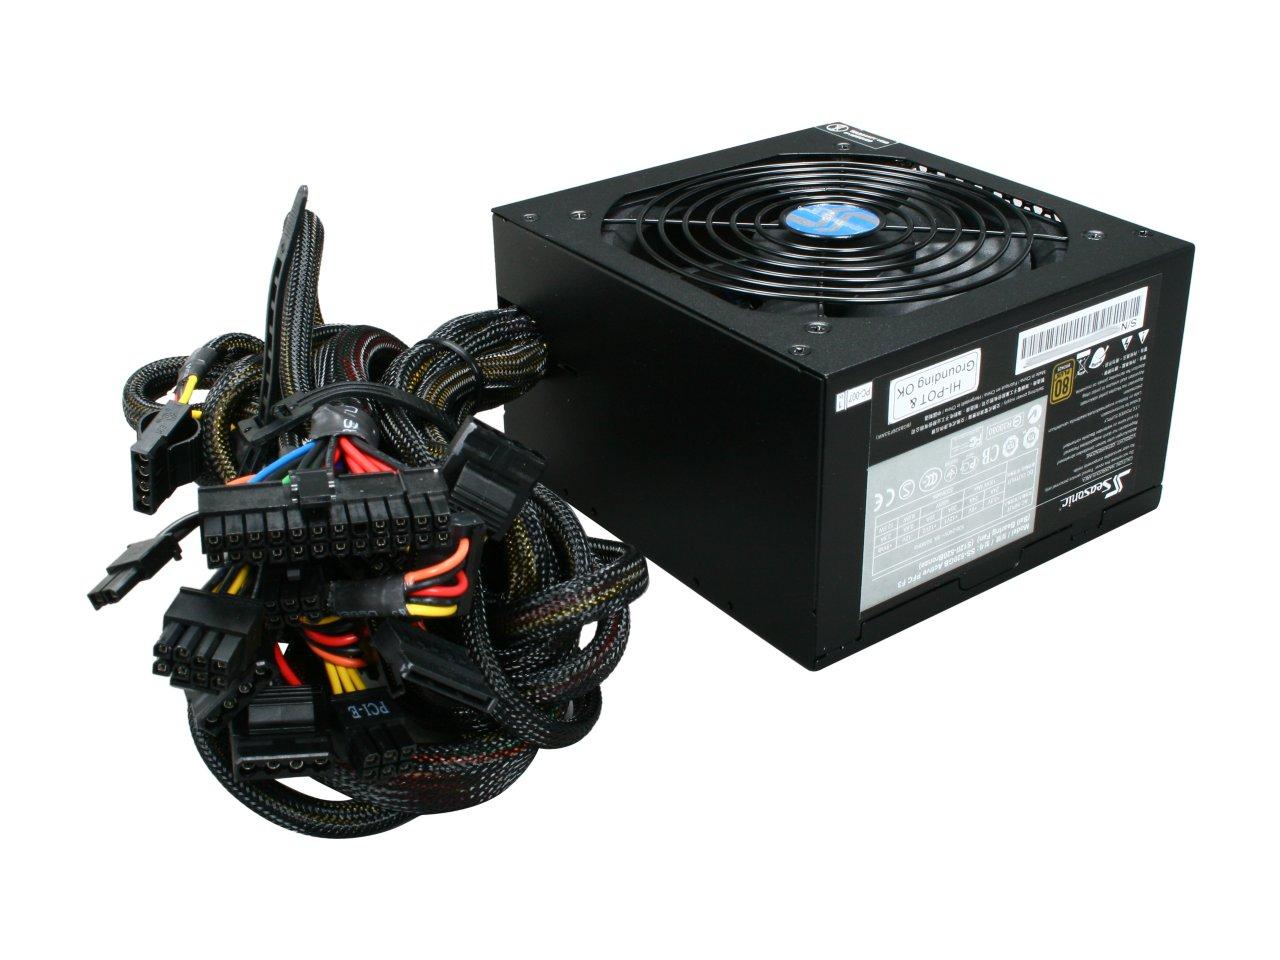 SeaSonic S12II 520 watt - best power supply for gaming